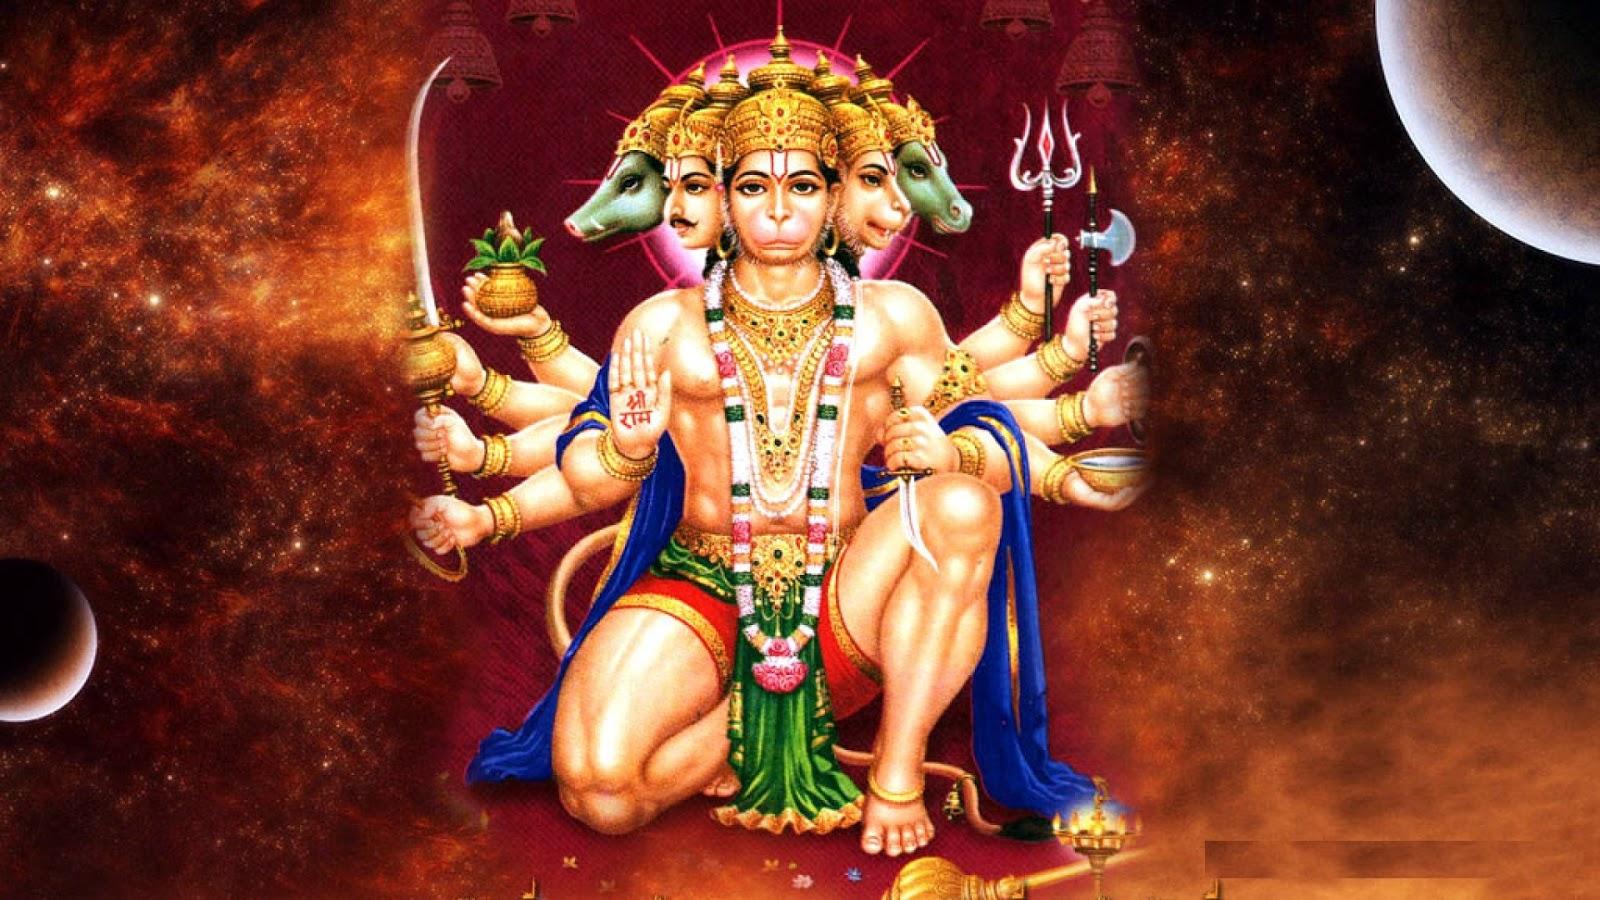 Original Hanuman Chalisa Mp3 Download